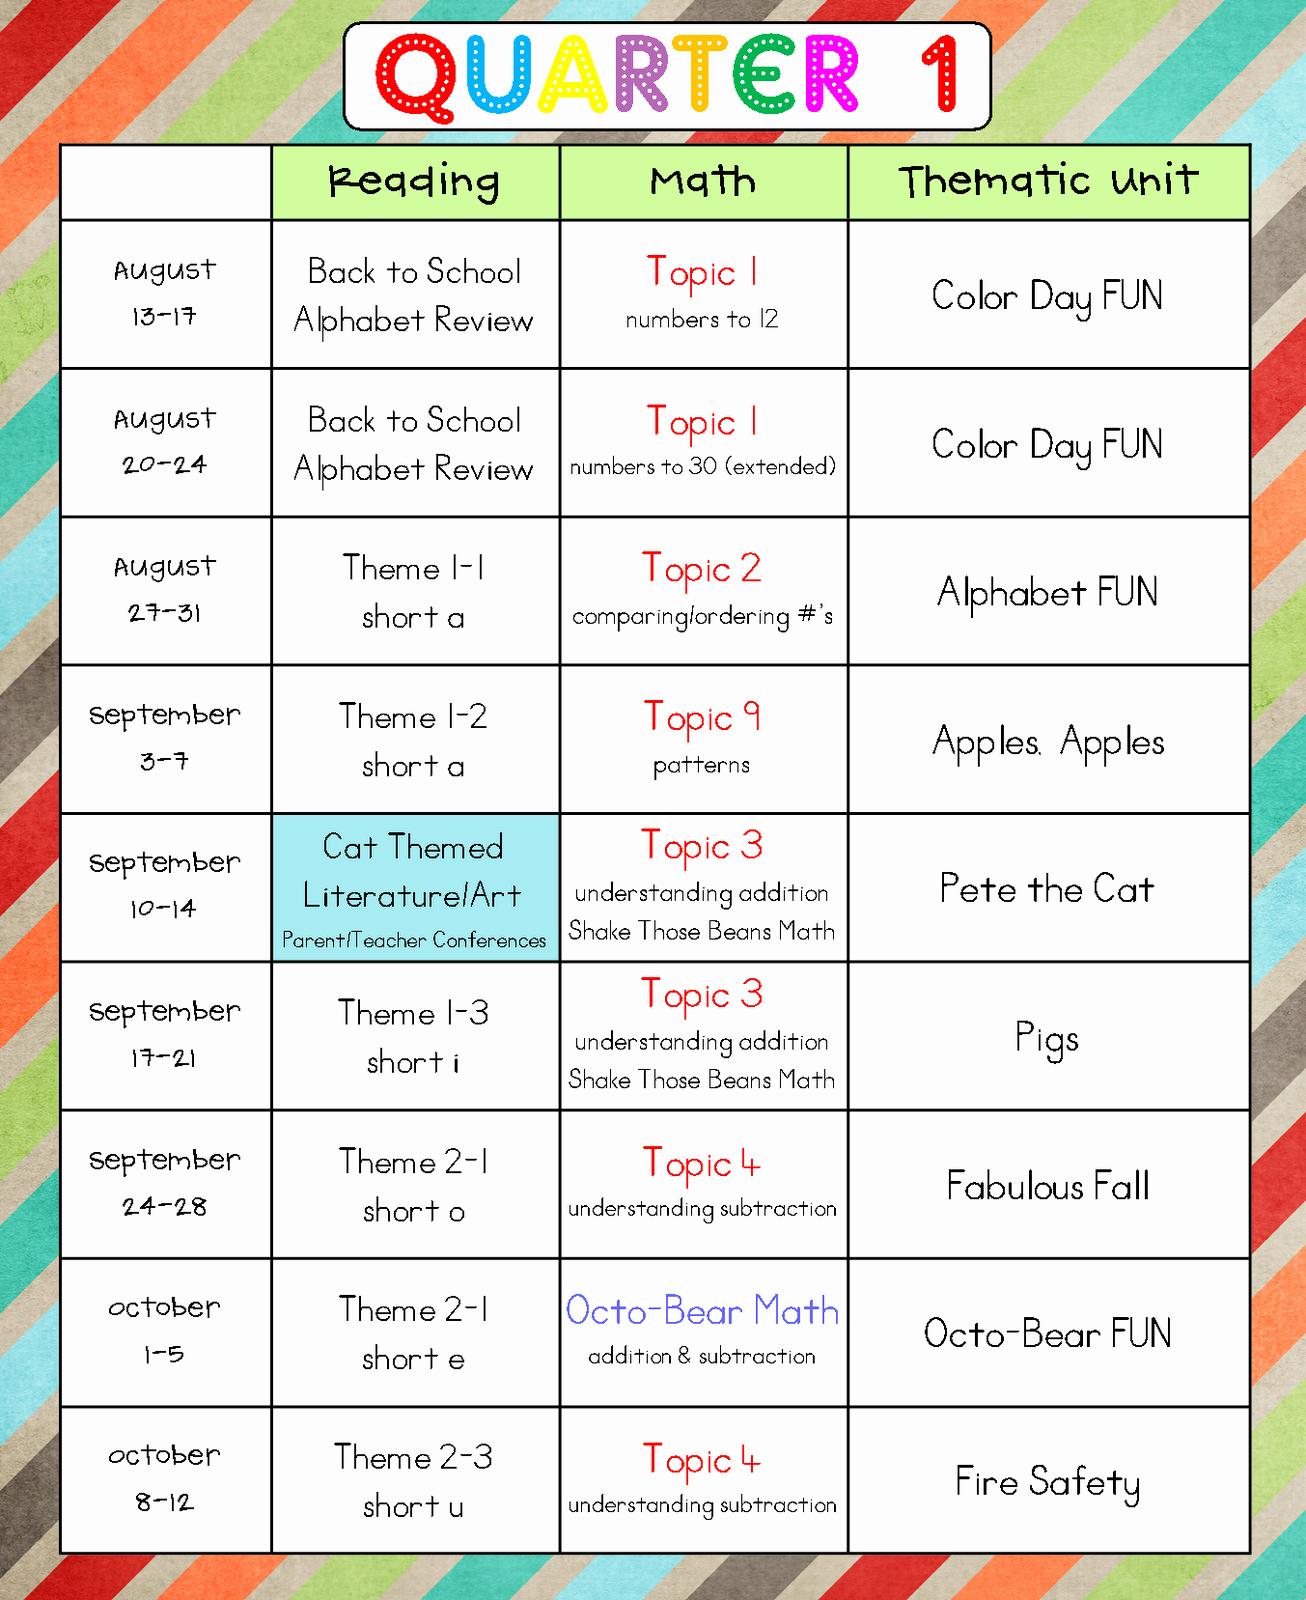 Pacing Calendar Template for Teachers Unique Pacing Calendar Template for Teachers Funfpandroidcopacing